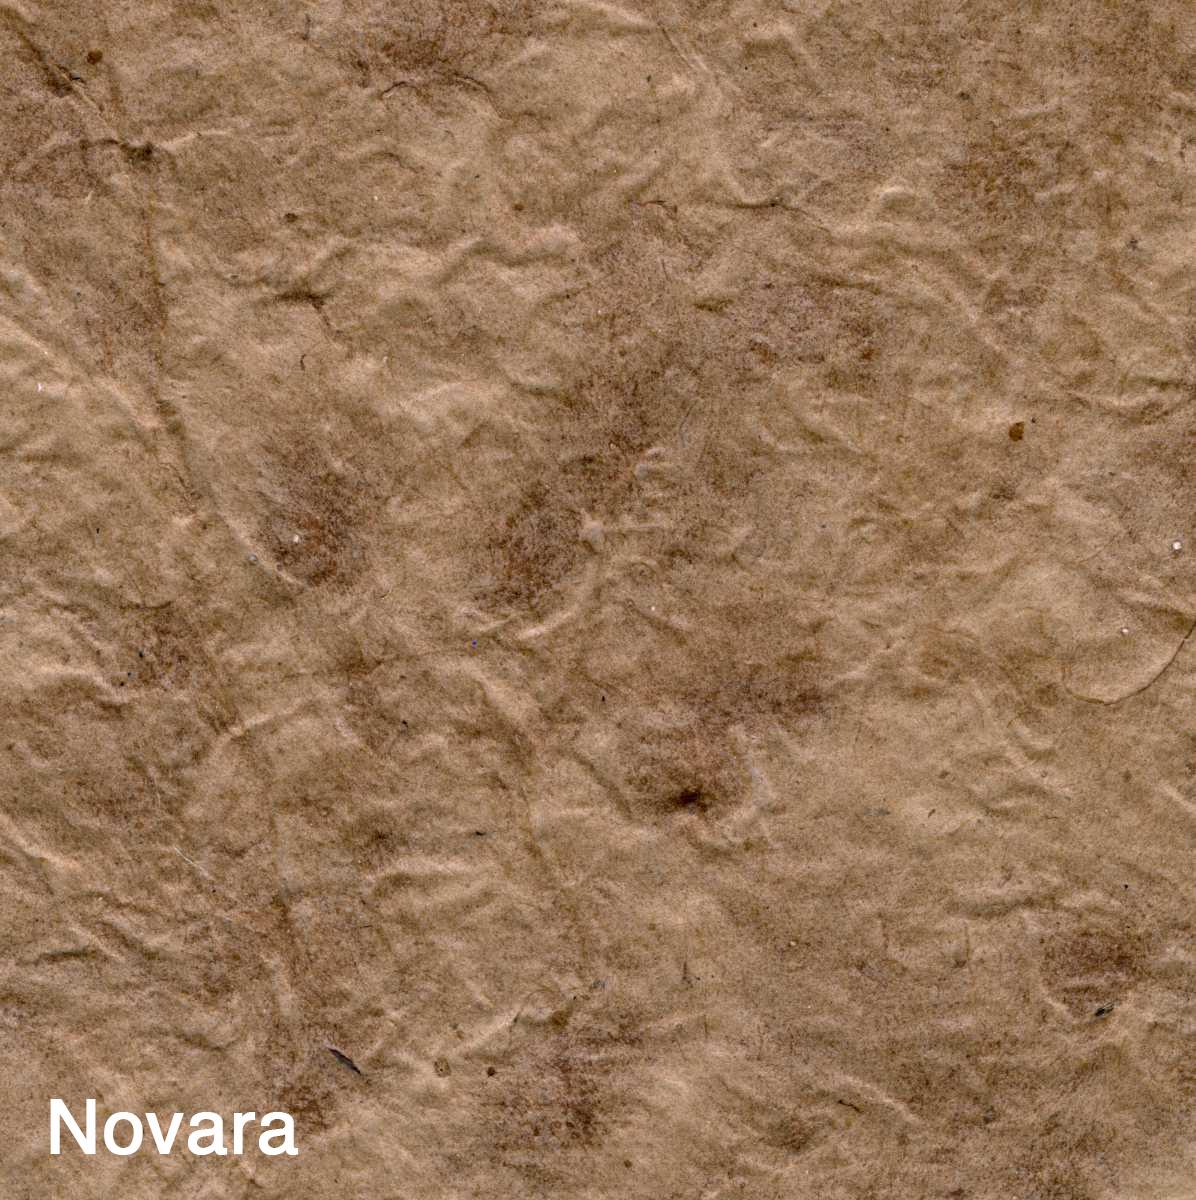 Novara012.jpg